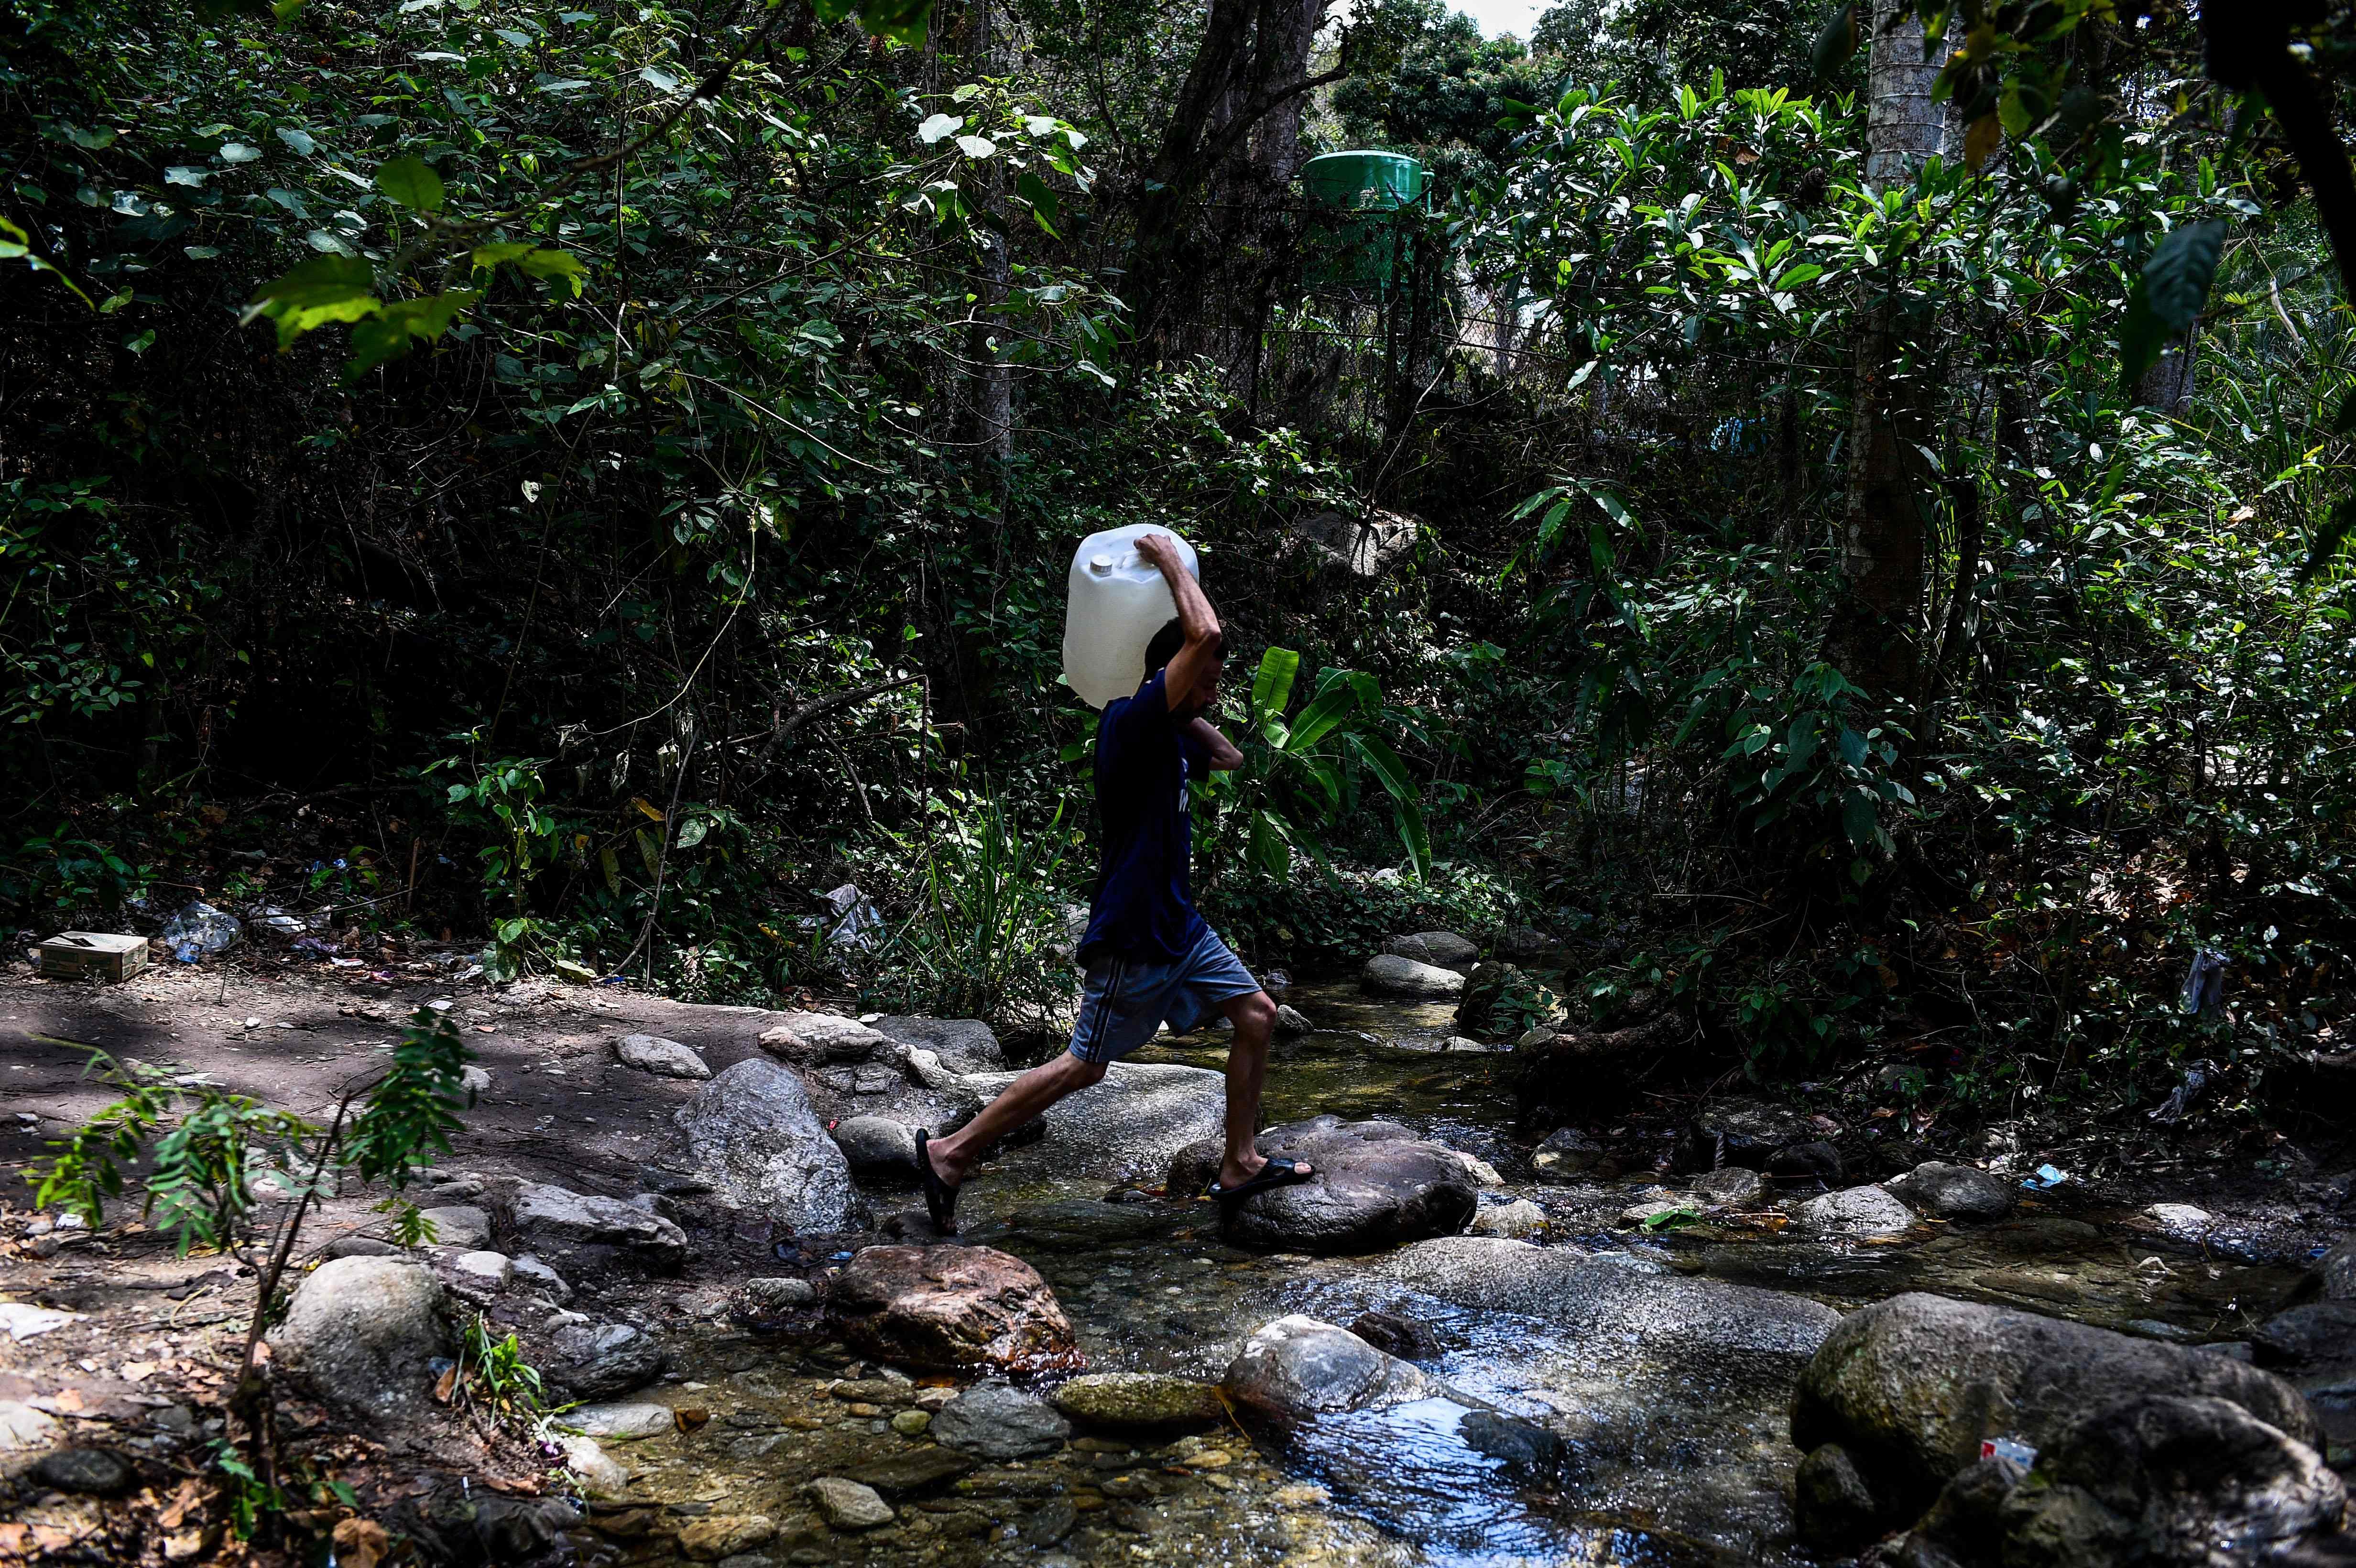 La tensión en Venezuela se mantiene después del apagón que dejó a millones de personas sin agua por lo que tuvieron que buscar en fuentes naturales.